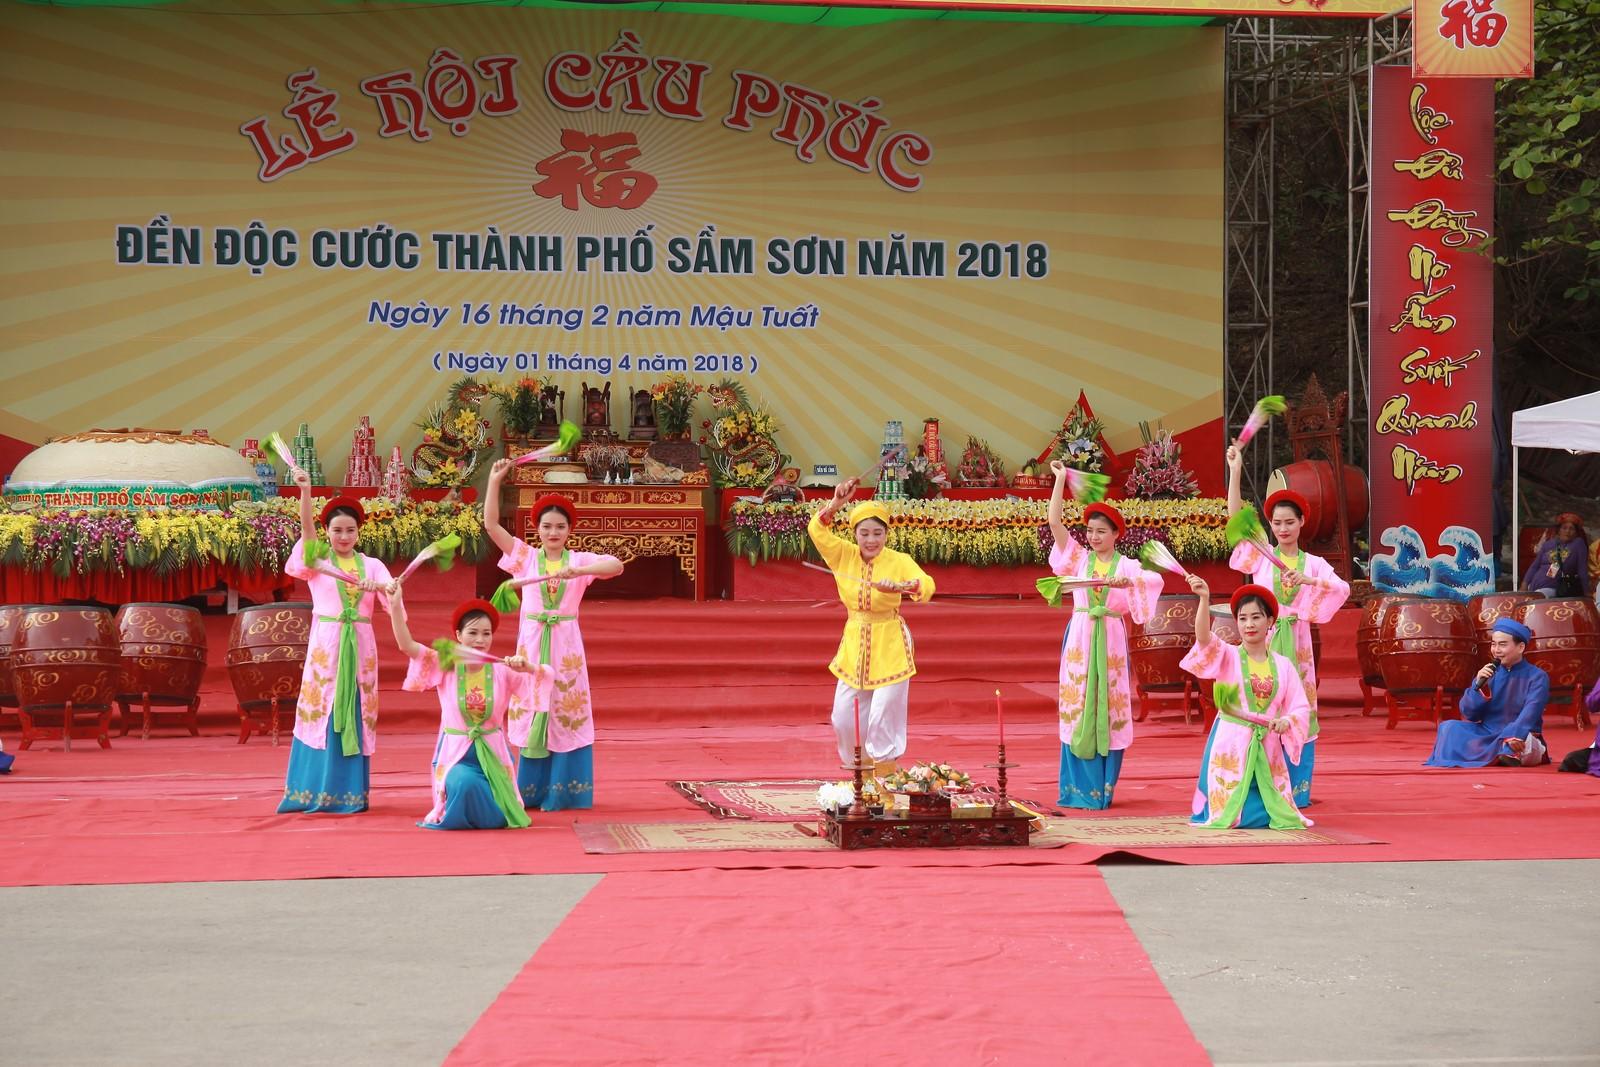 http://samson.thanhhoa.gov.vn/portal/Photos/2018-04-02/aa7a3d02f4dd88ddIMG_3695%20(cau%20phuc.JPG